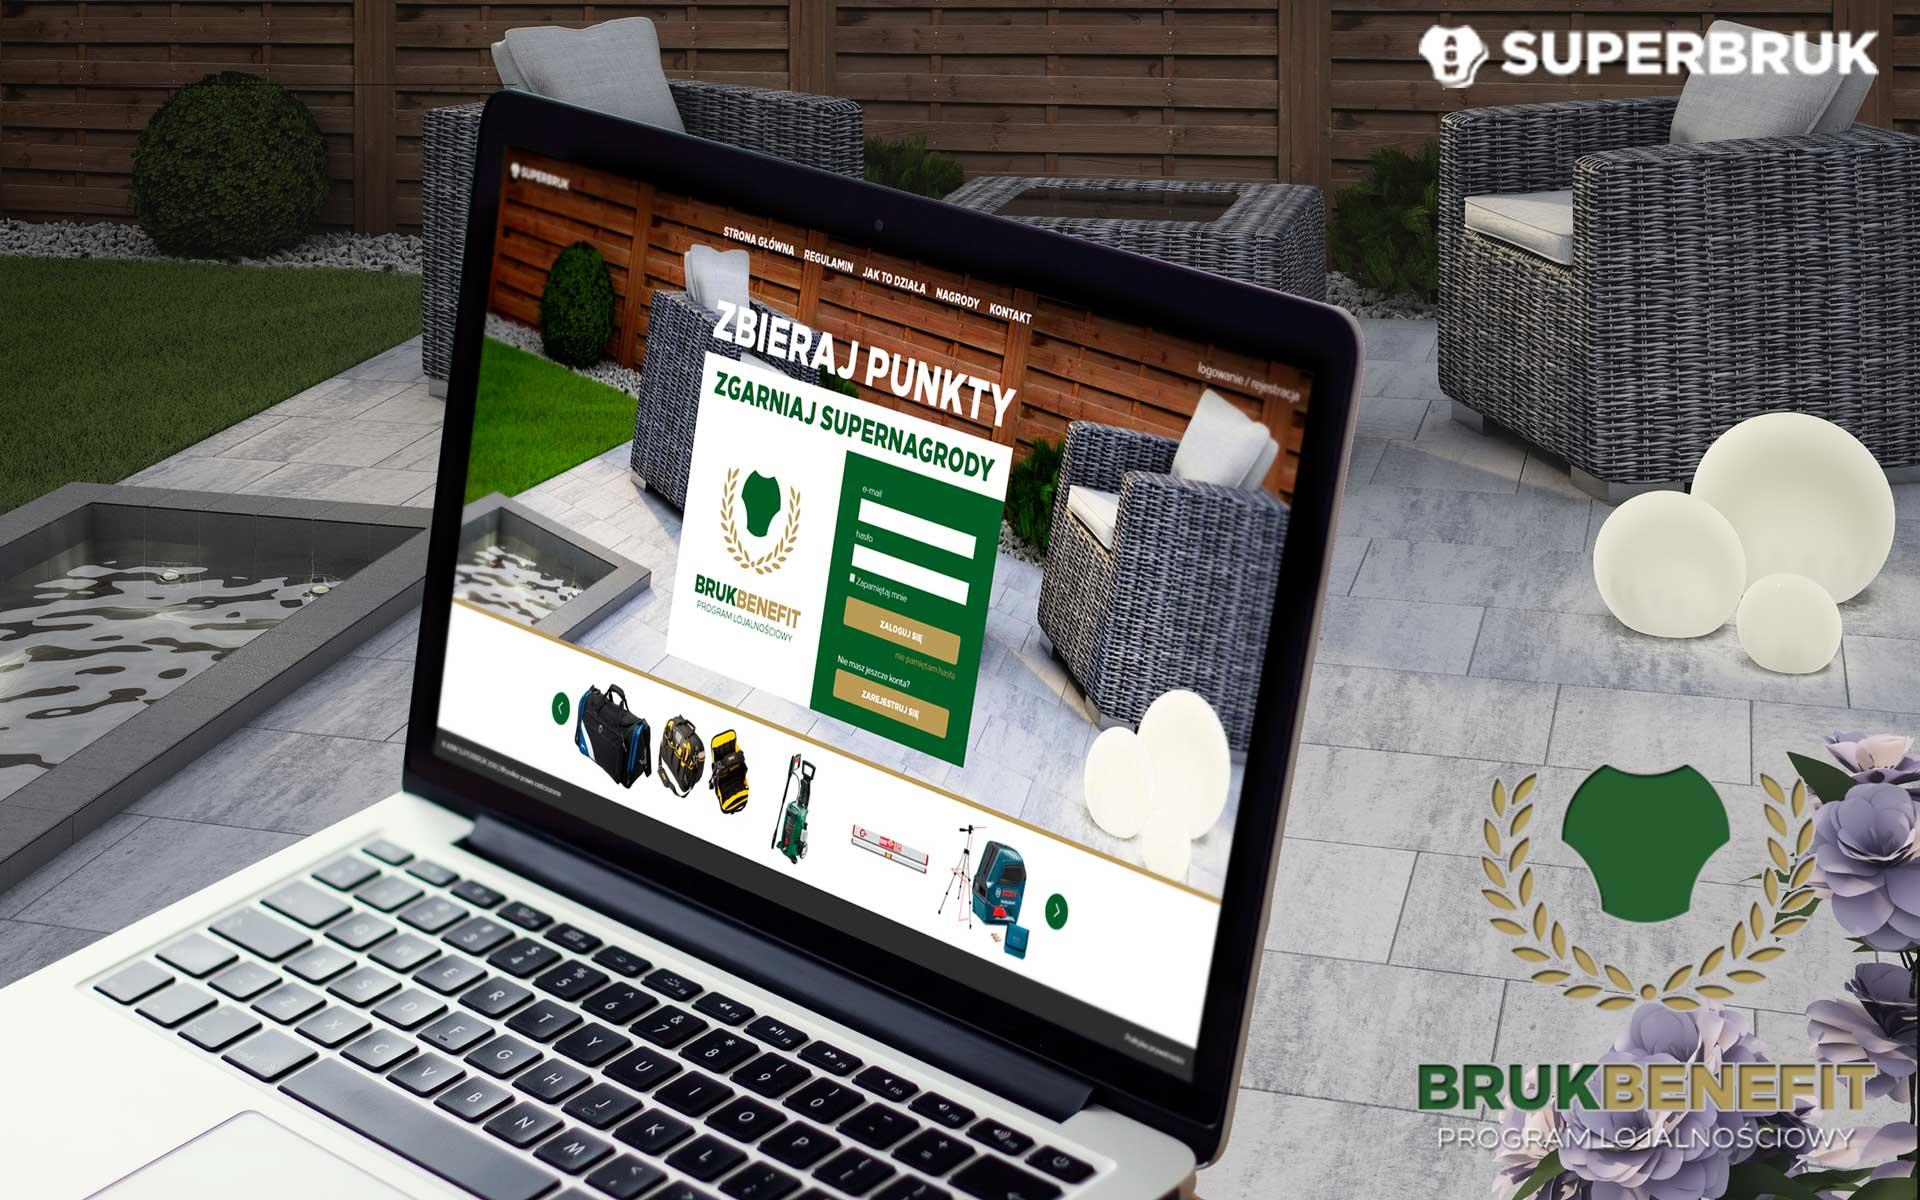 BrukBenefit Program lojalnościowy SuperBruk